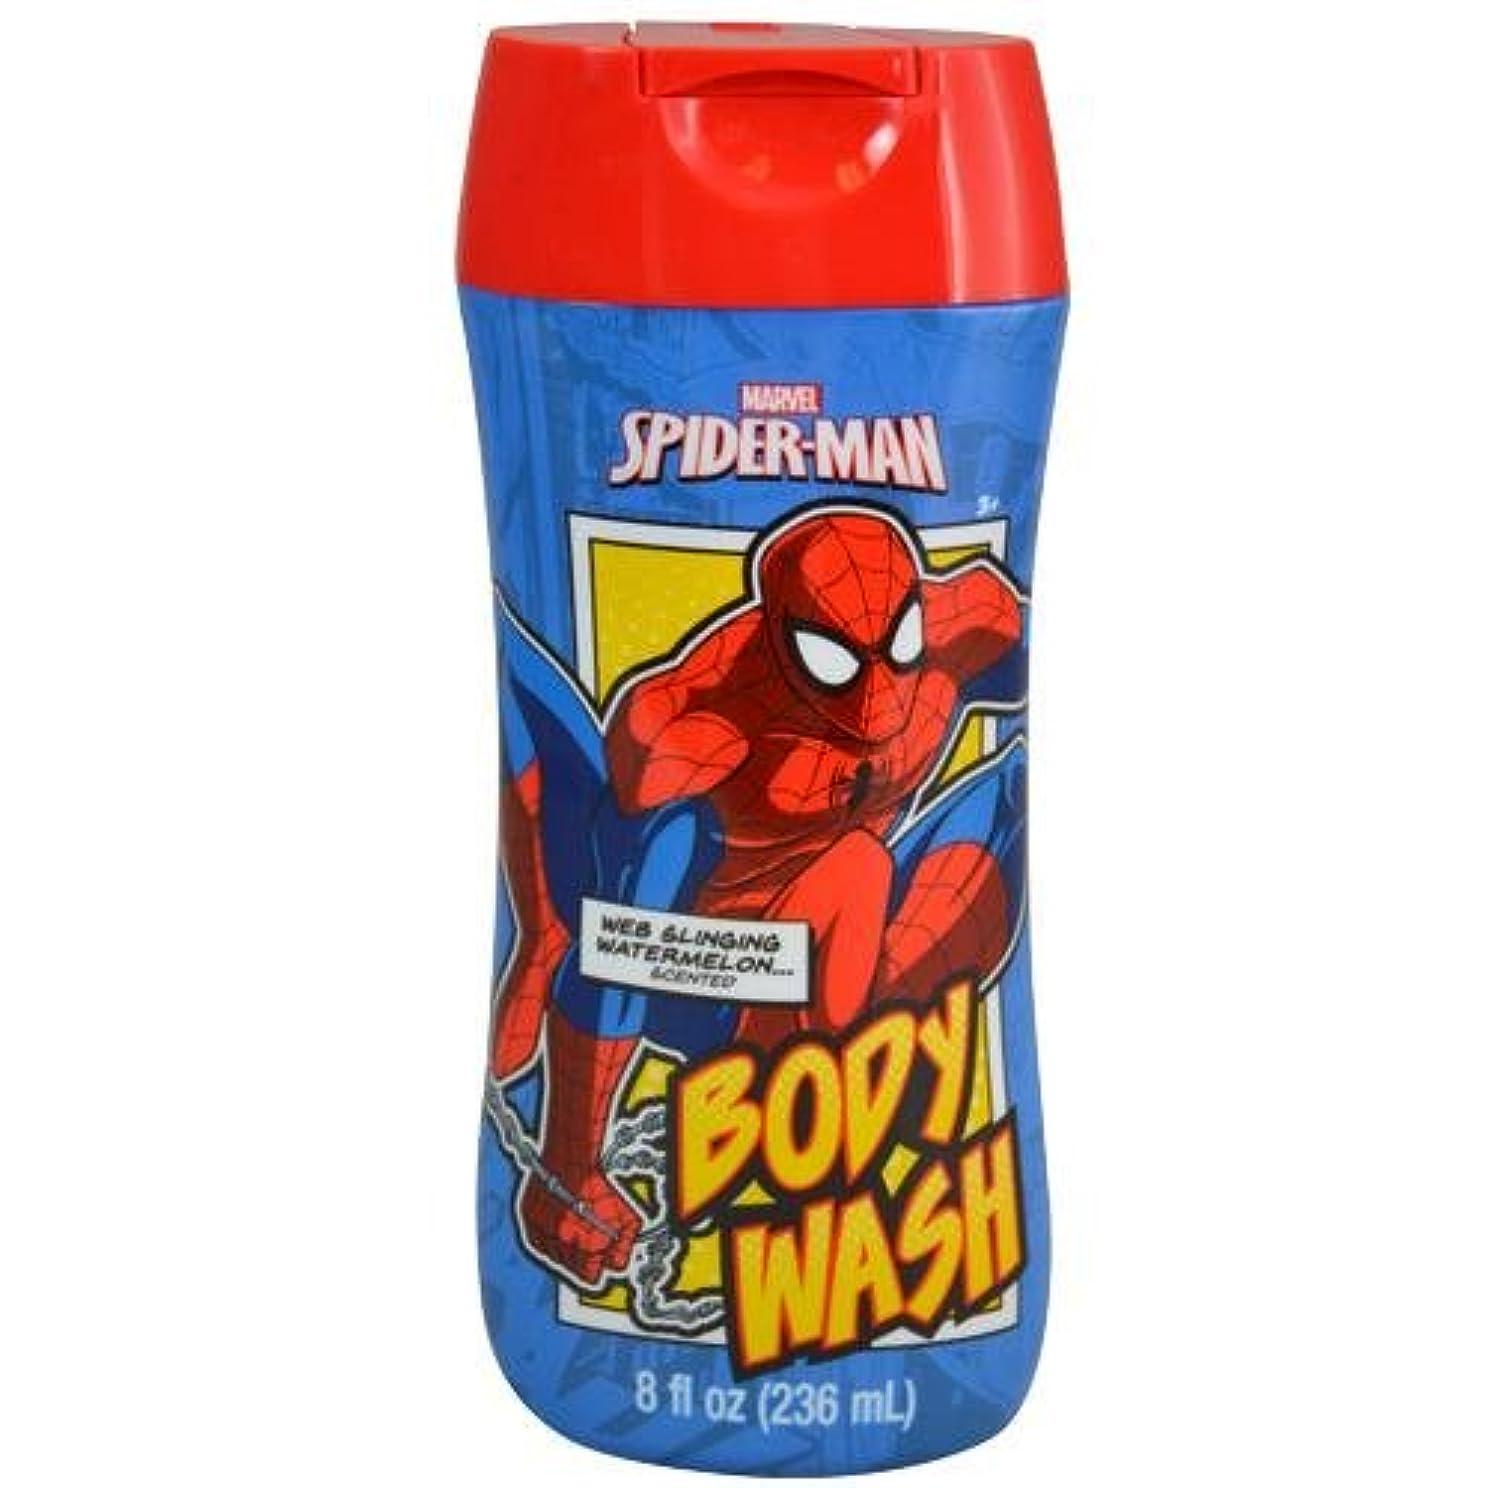 油雑品じゃないスパイダーマン SPIDER-MAN ボディーソープ 12185 MARVEL お風呂 ボディ ソープ 子供用 キッズ ボディソープ MARVEL ボディウォッシュ マーベル ボディーウォッシュ【即日?翌日発送】